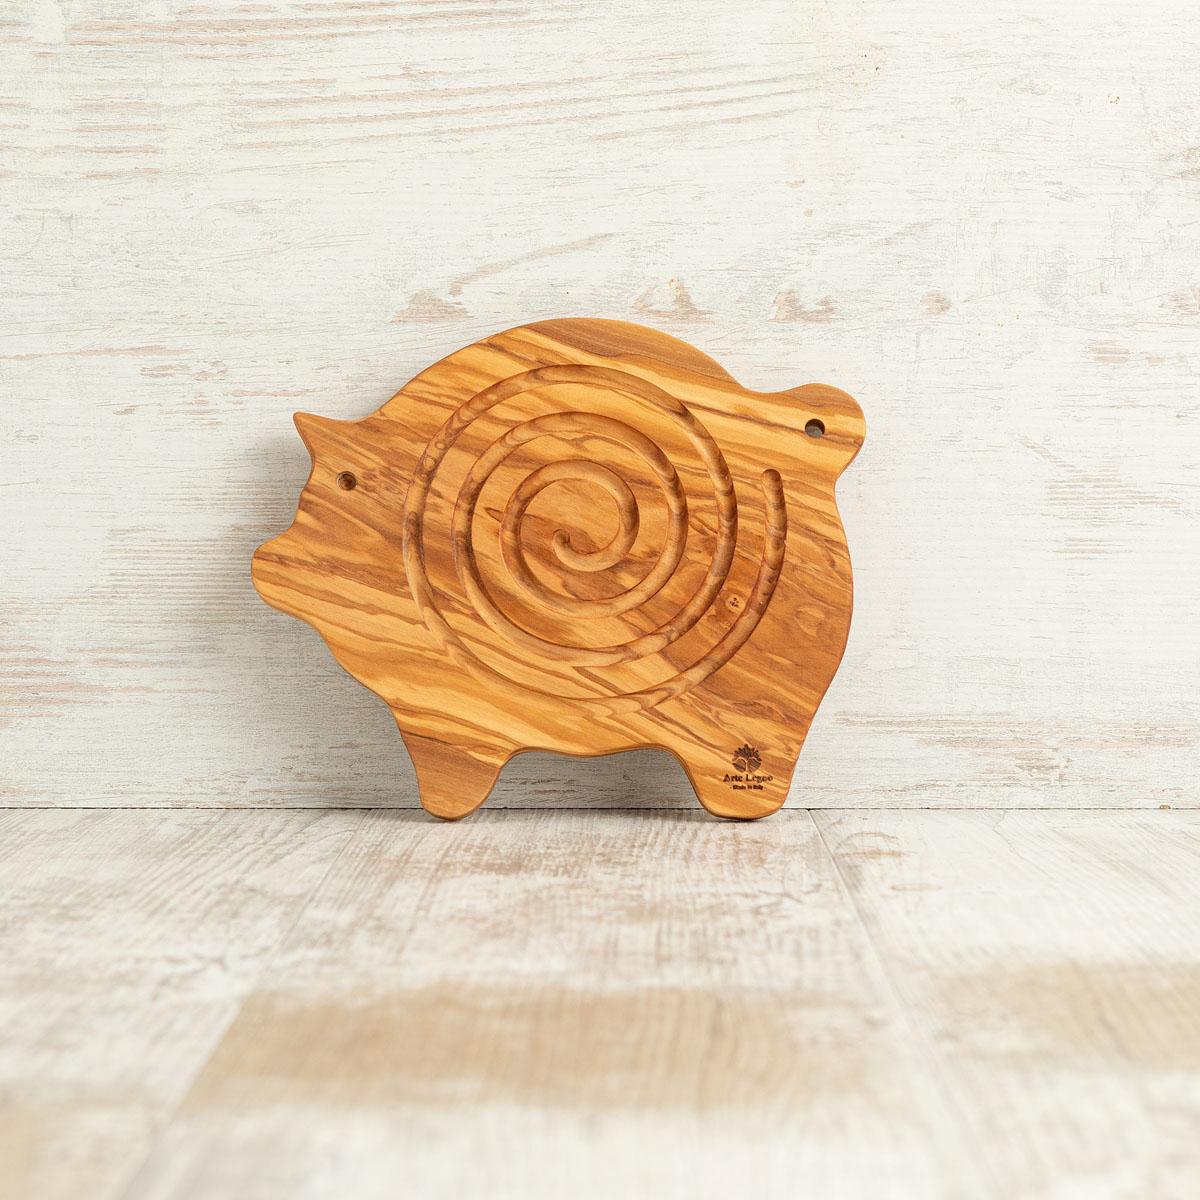 Sottopentola tagliere in legno di ulivo | Arte Legno